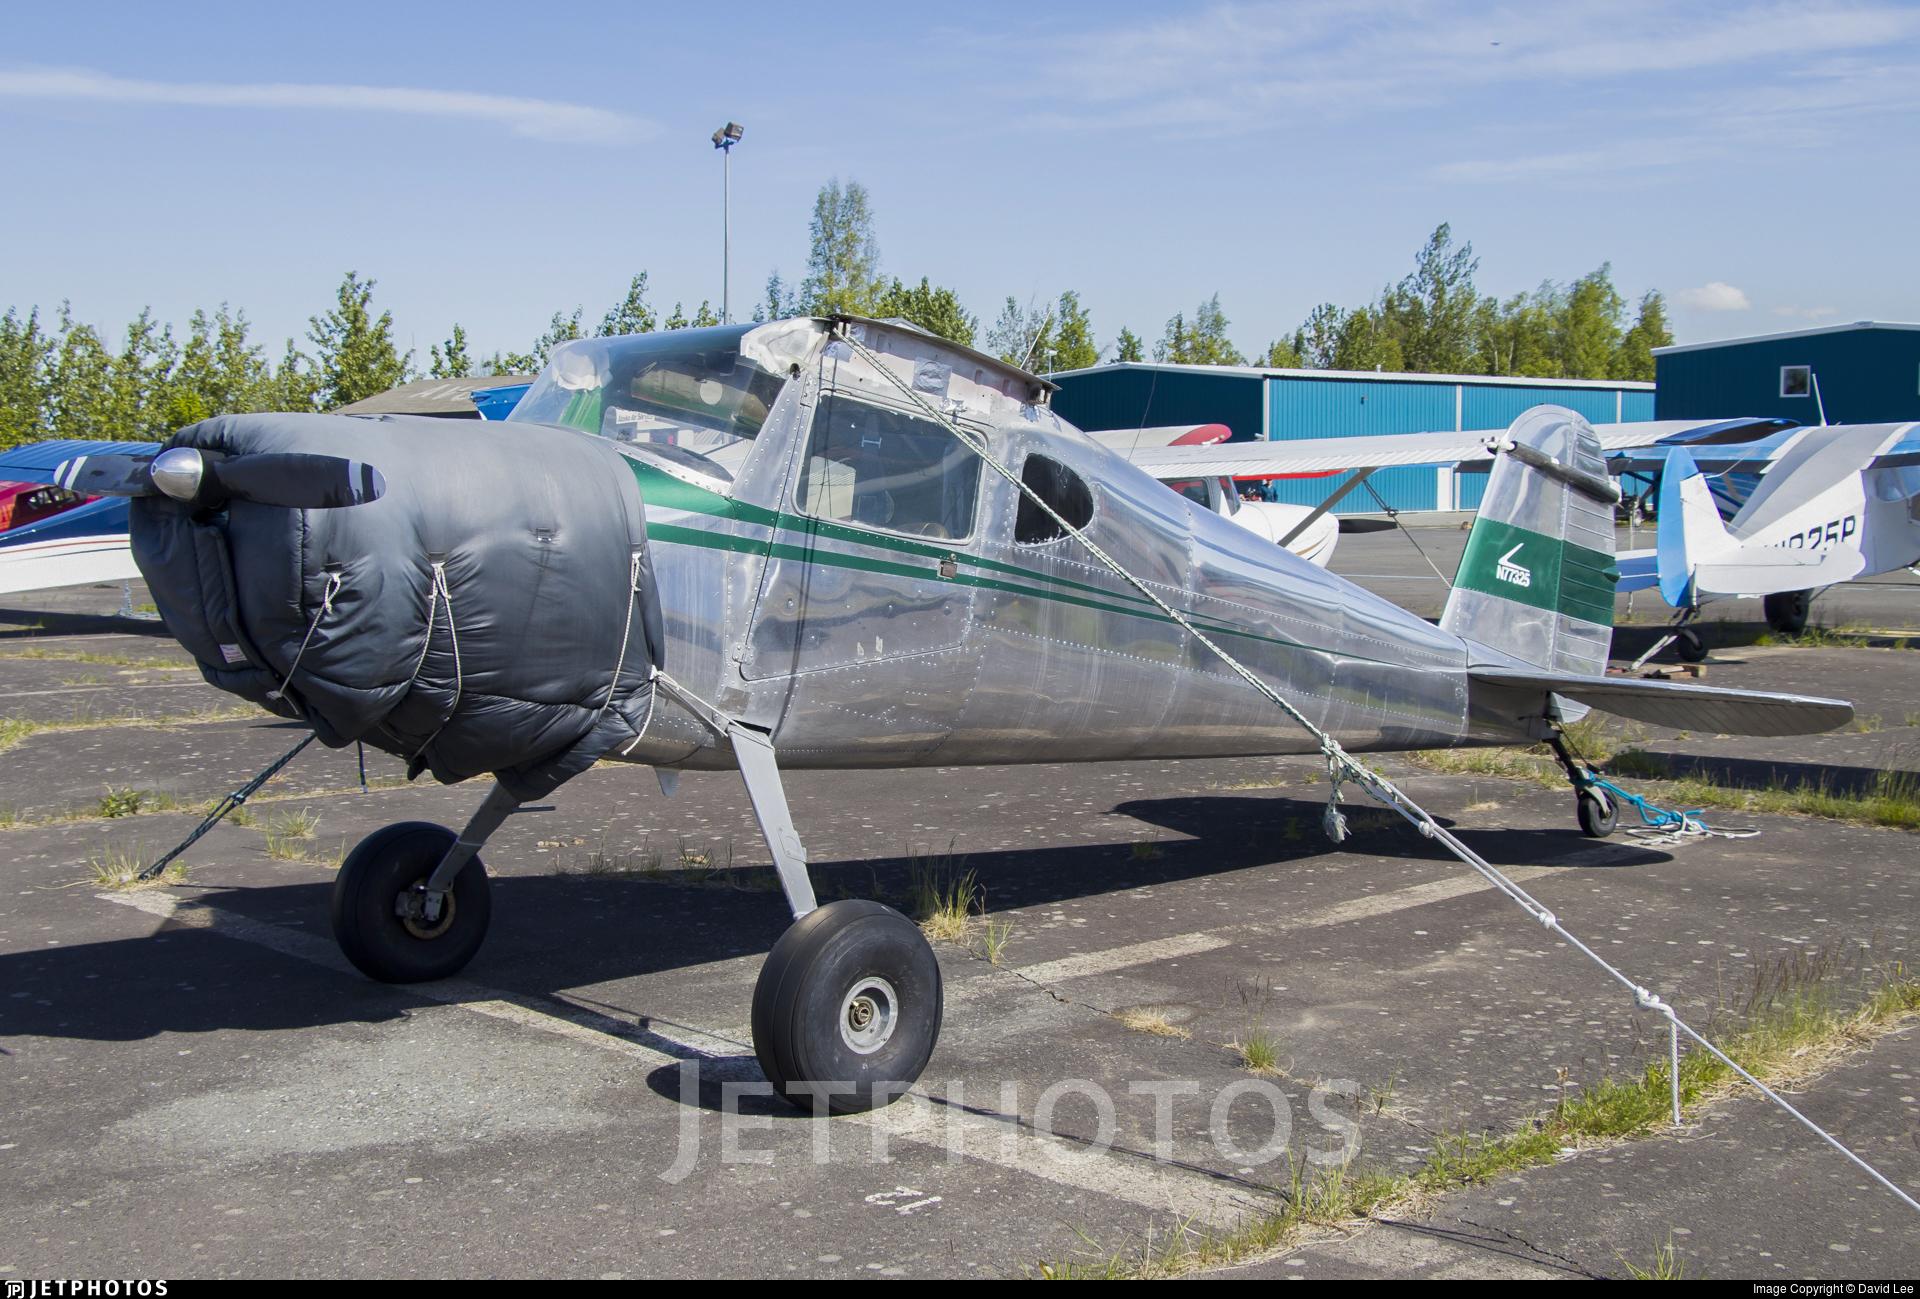 N77325 - Cessna 120 - Private